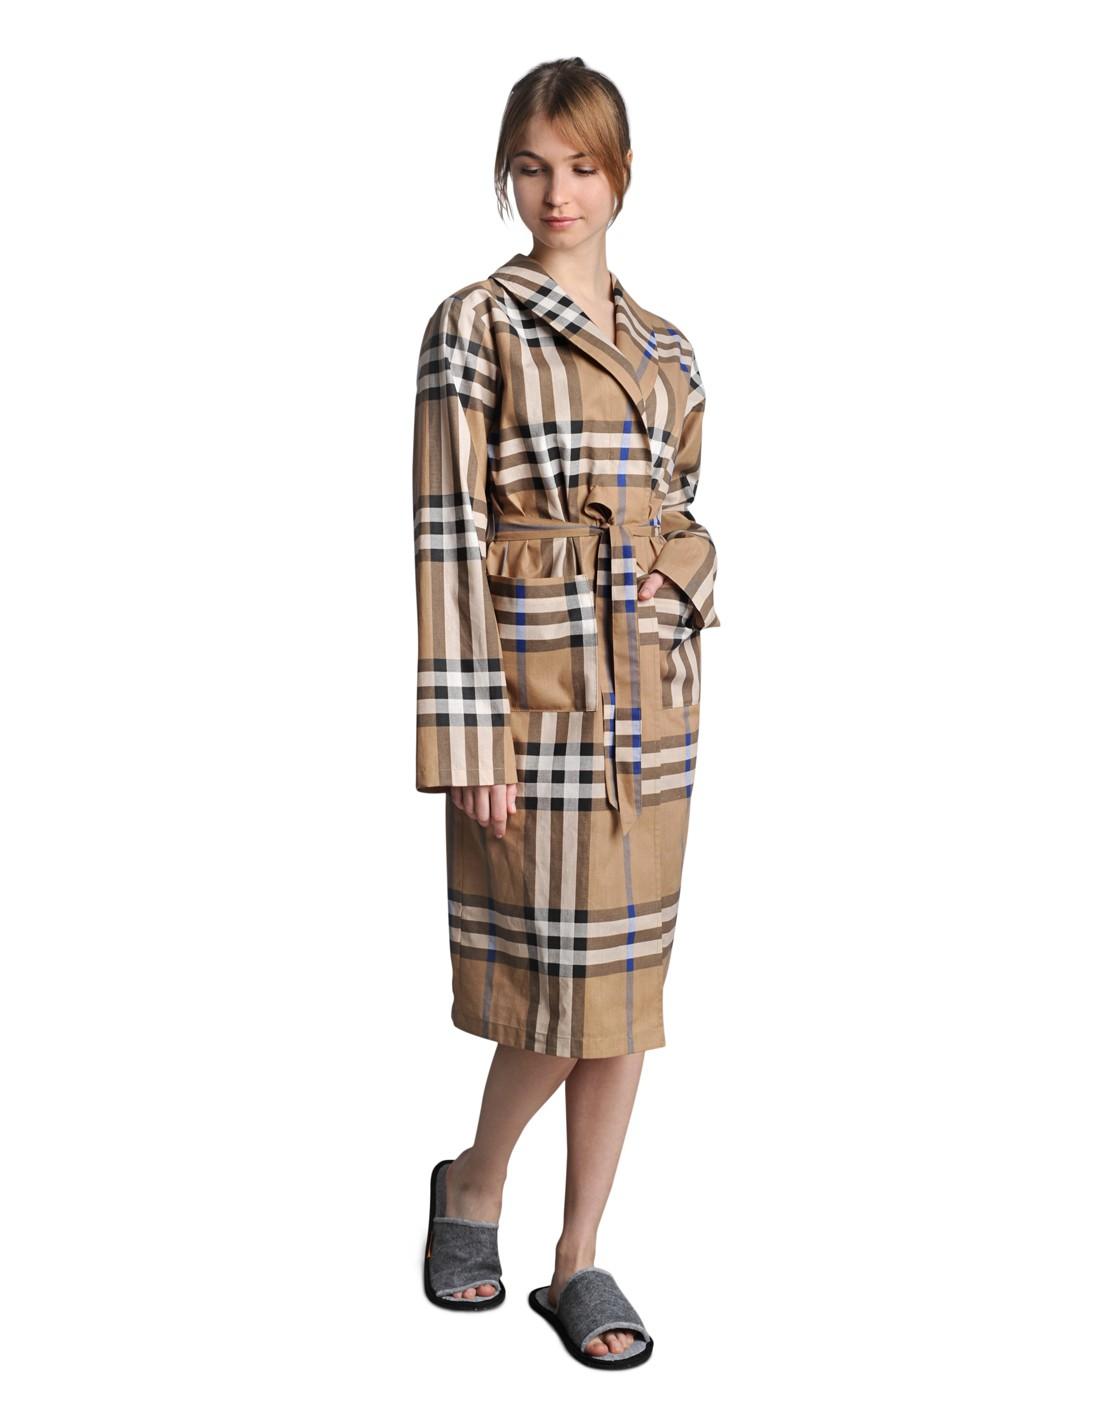 904daad5f5377 Длинный женский халат из бязи с воротничком и надежным поясом.